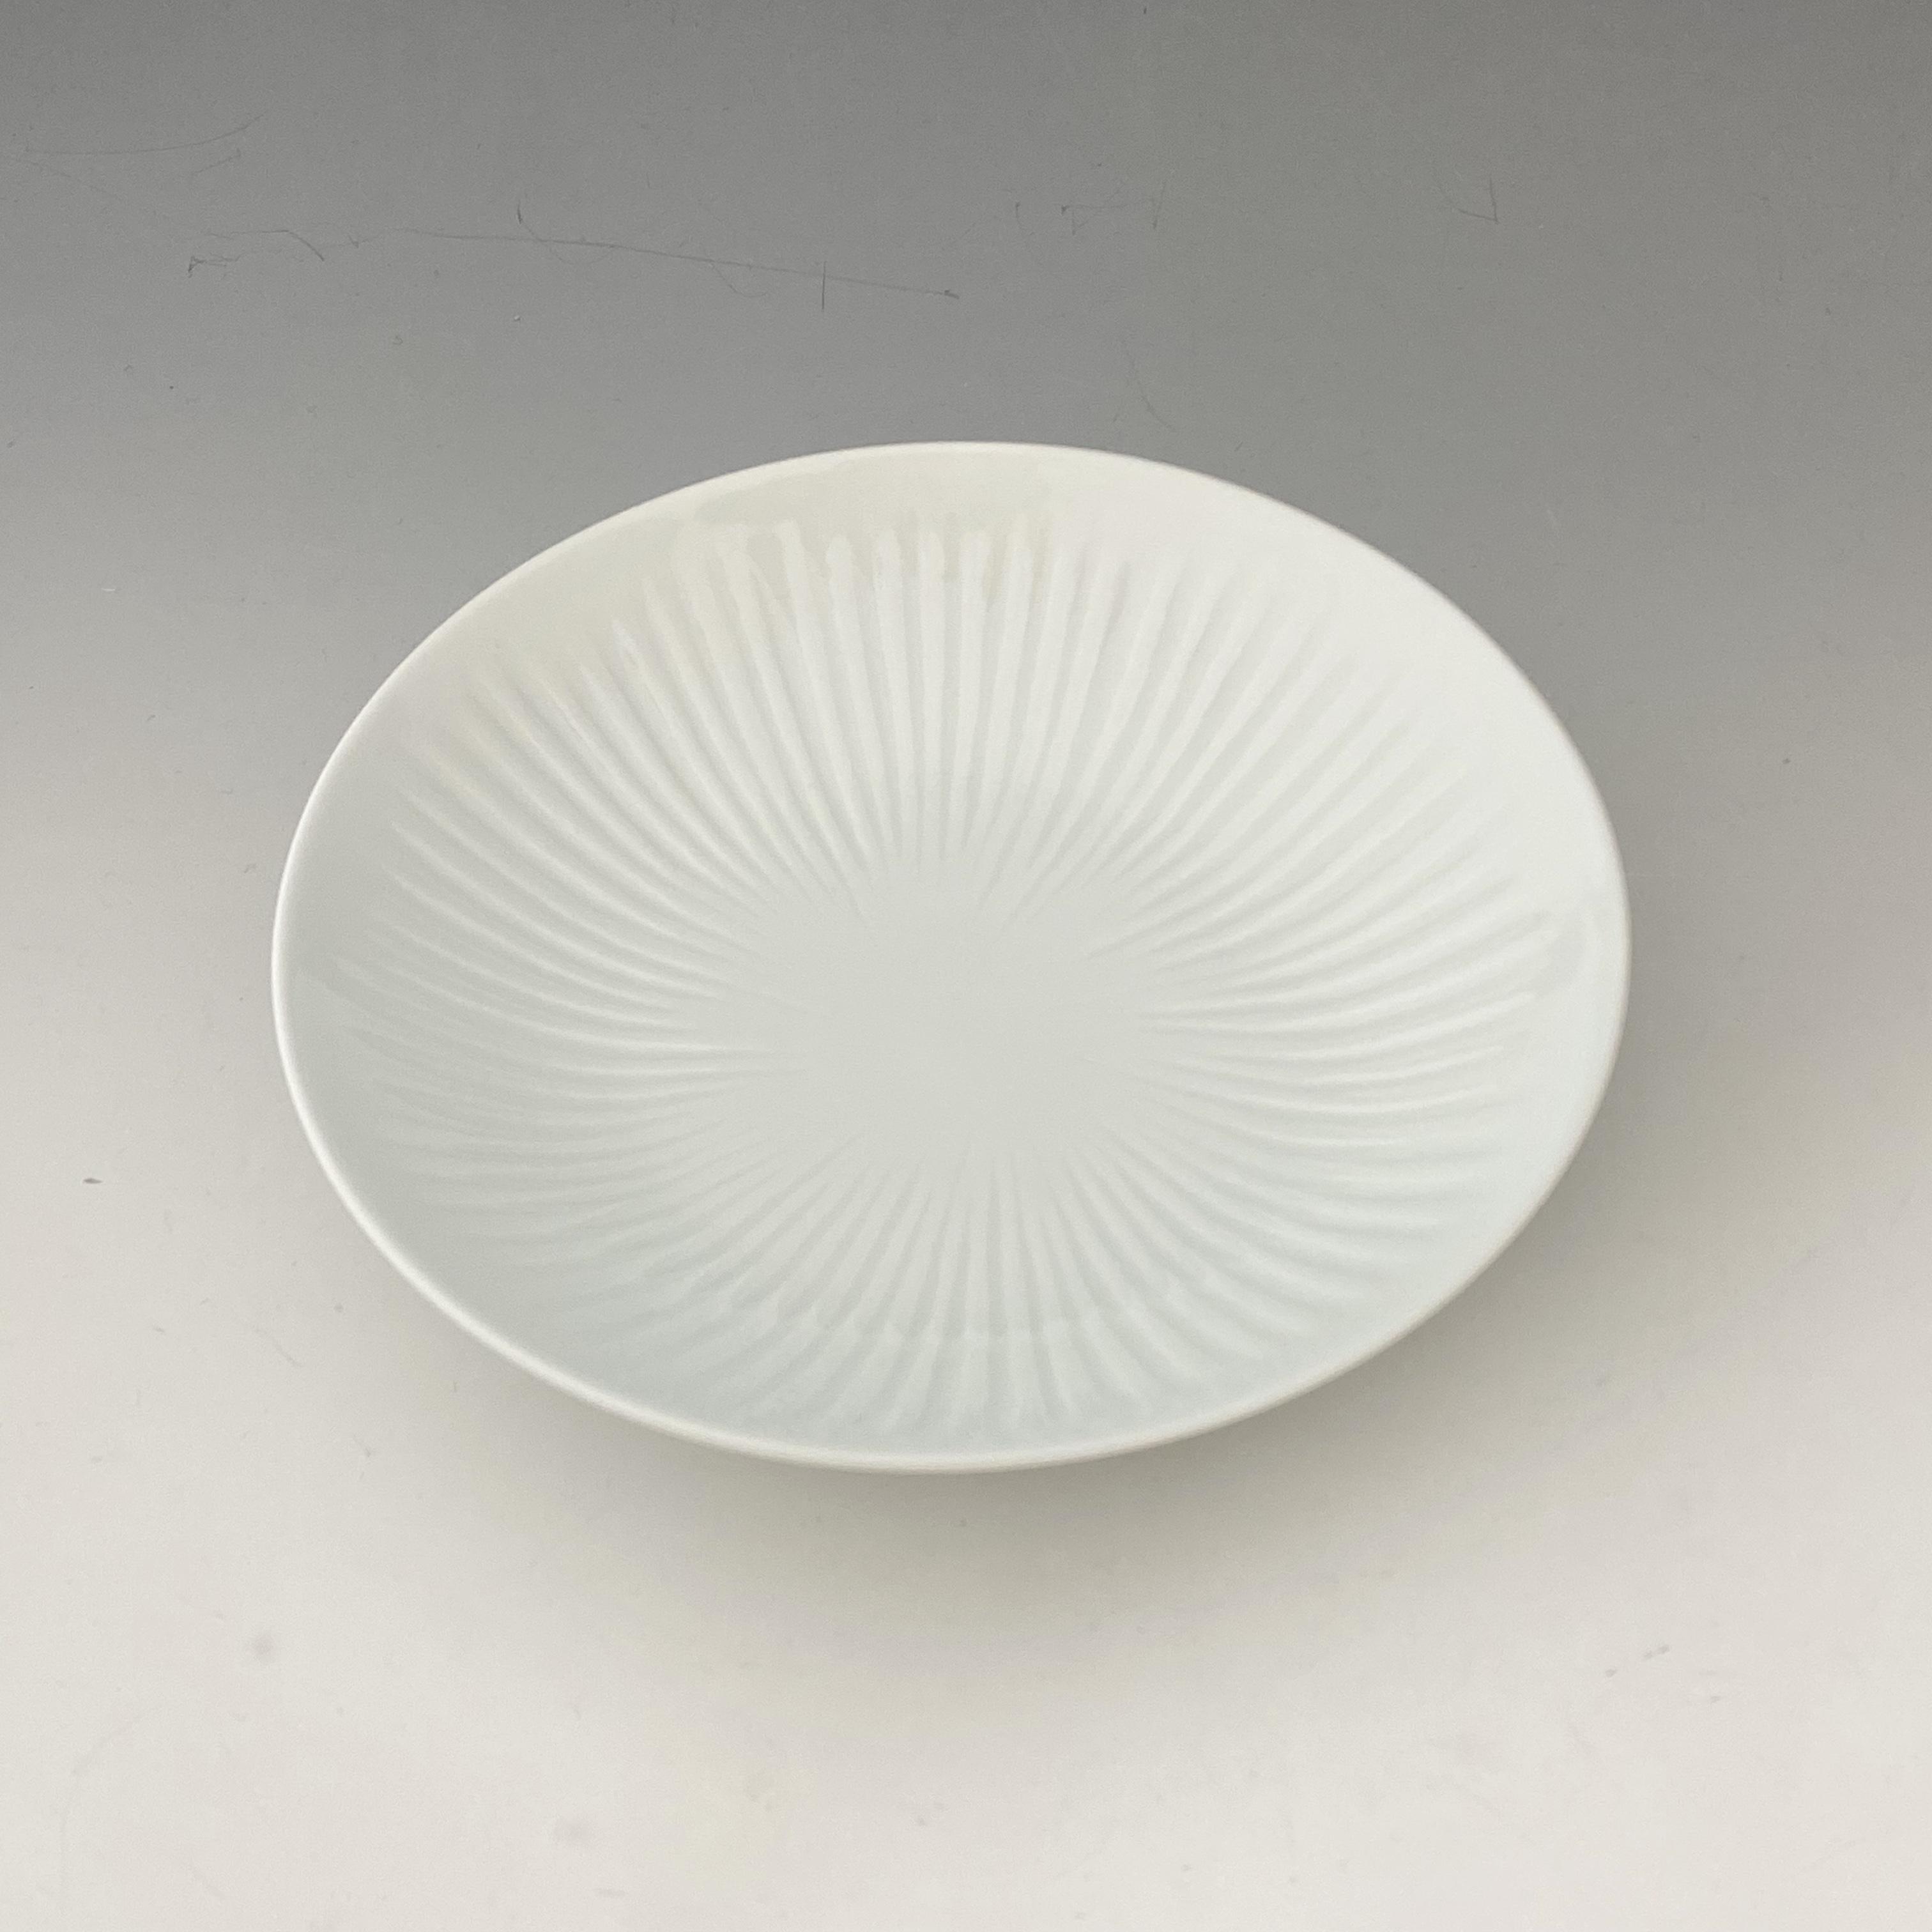 【中尾純】白磁線彫皿